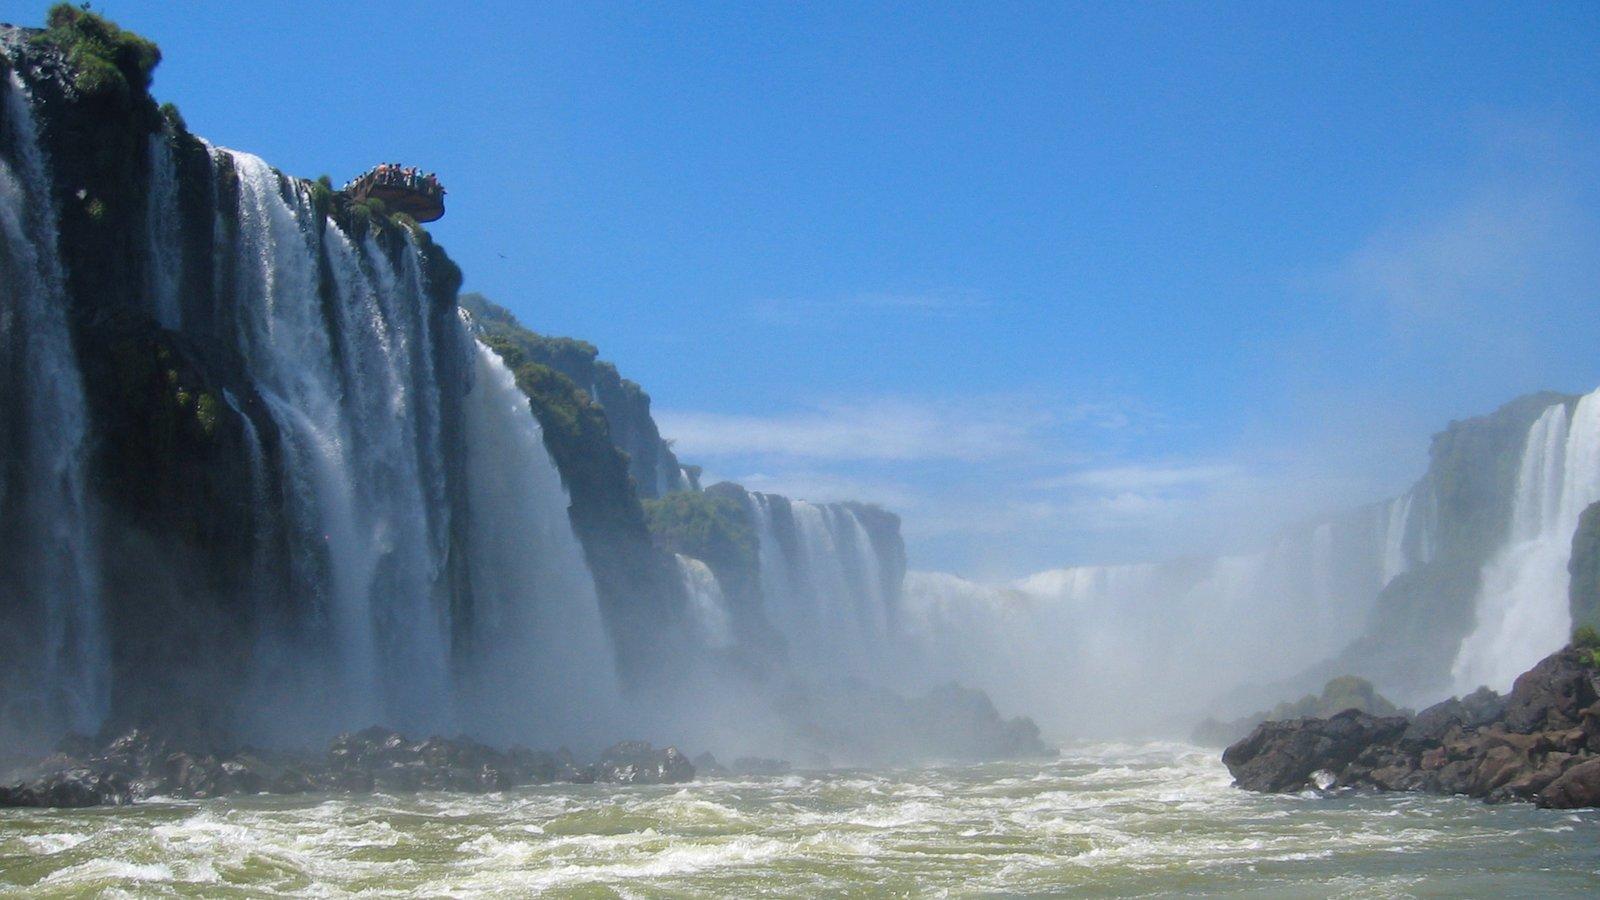 Região Sul mostrando uma cascata e um rio ou córrego